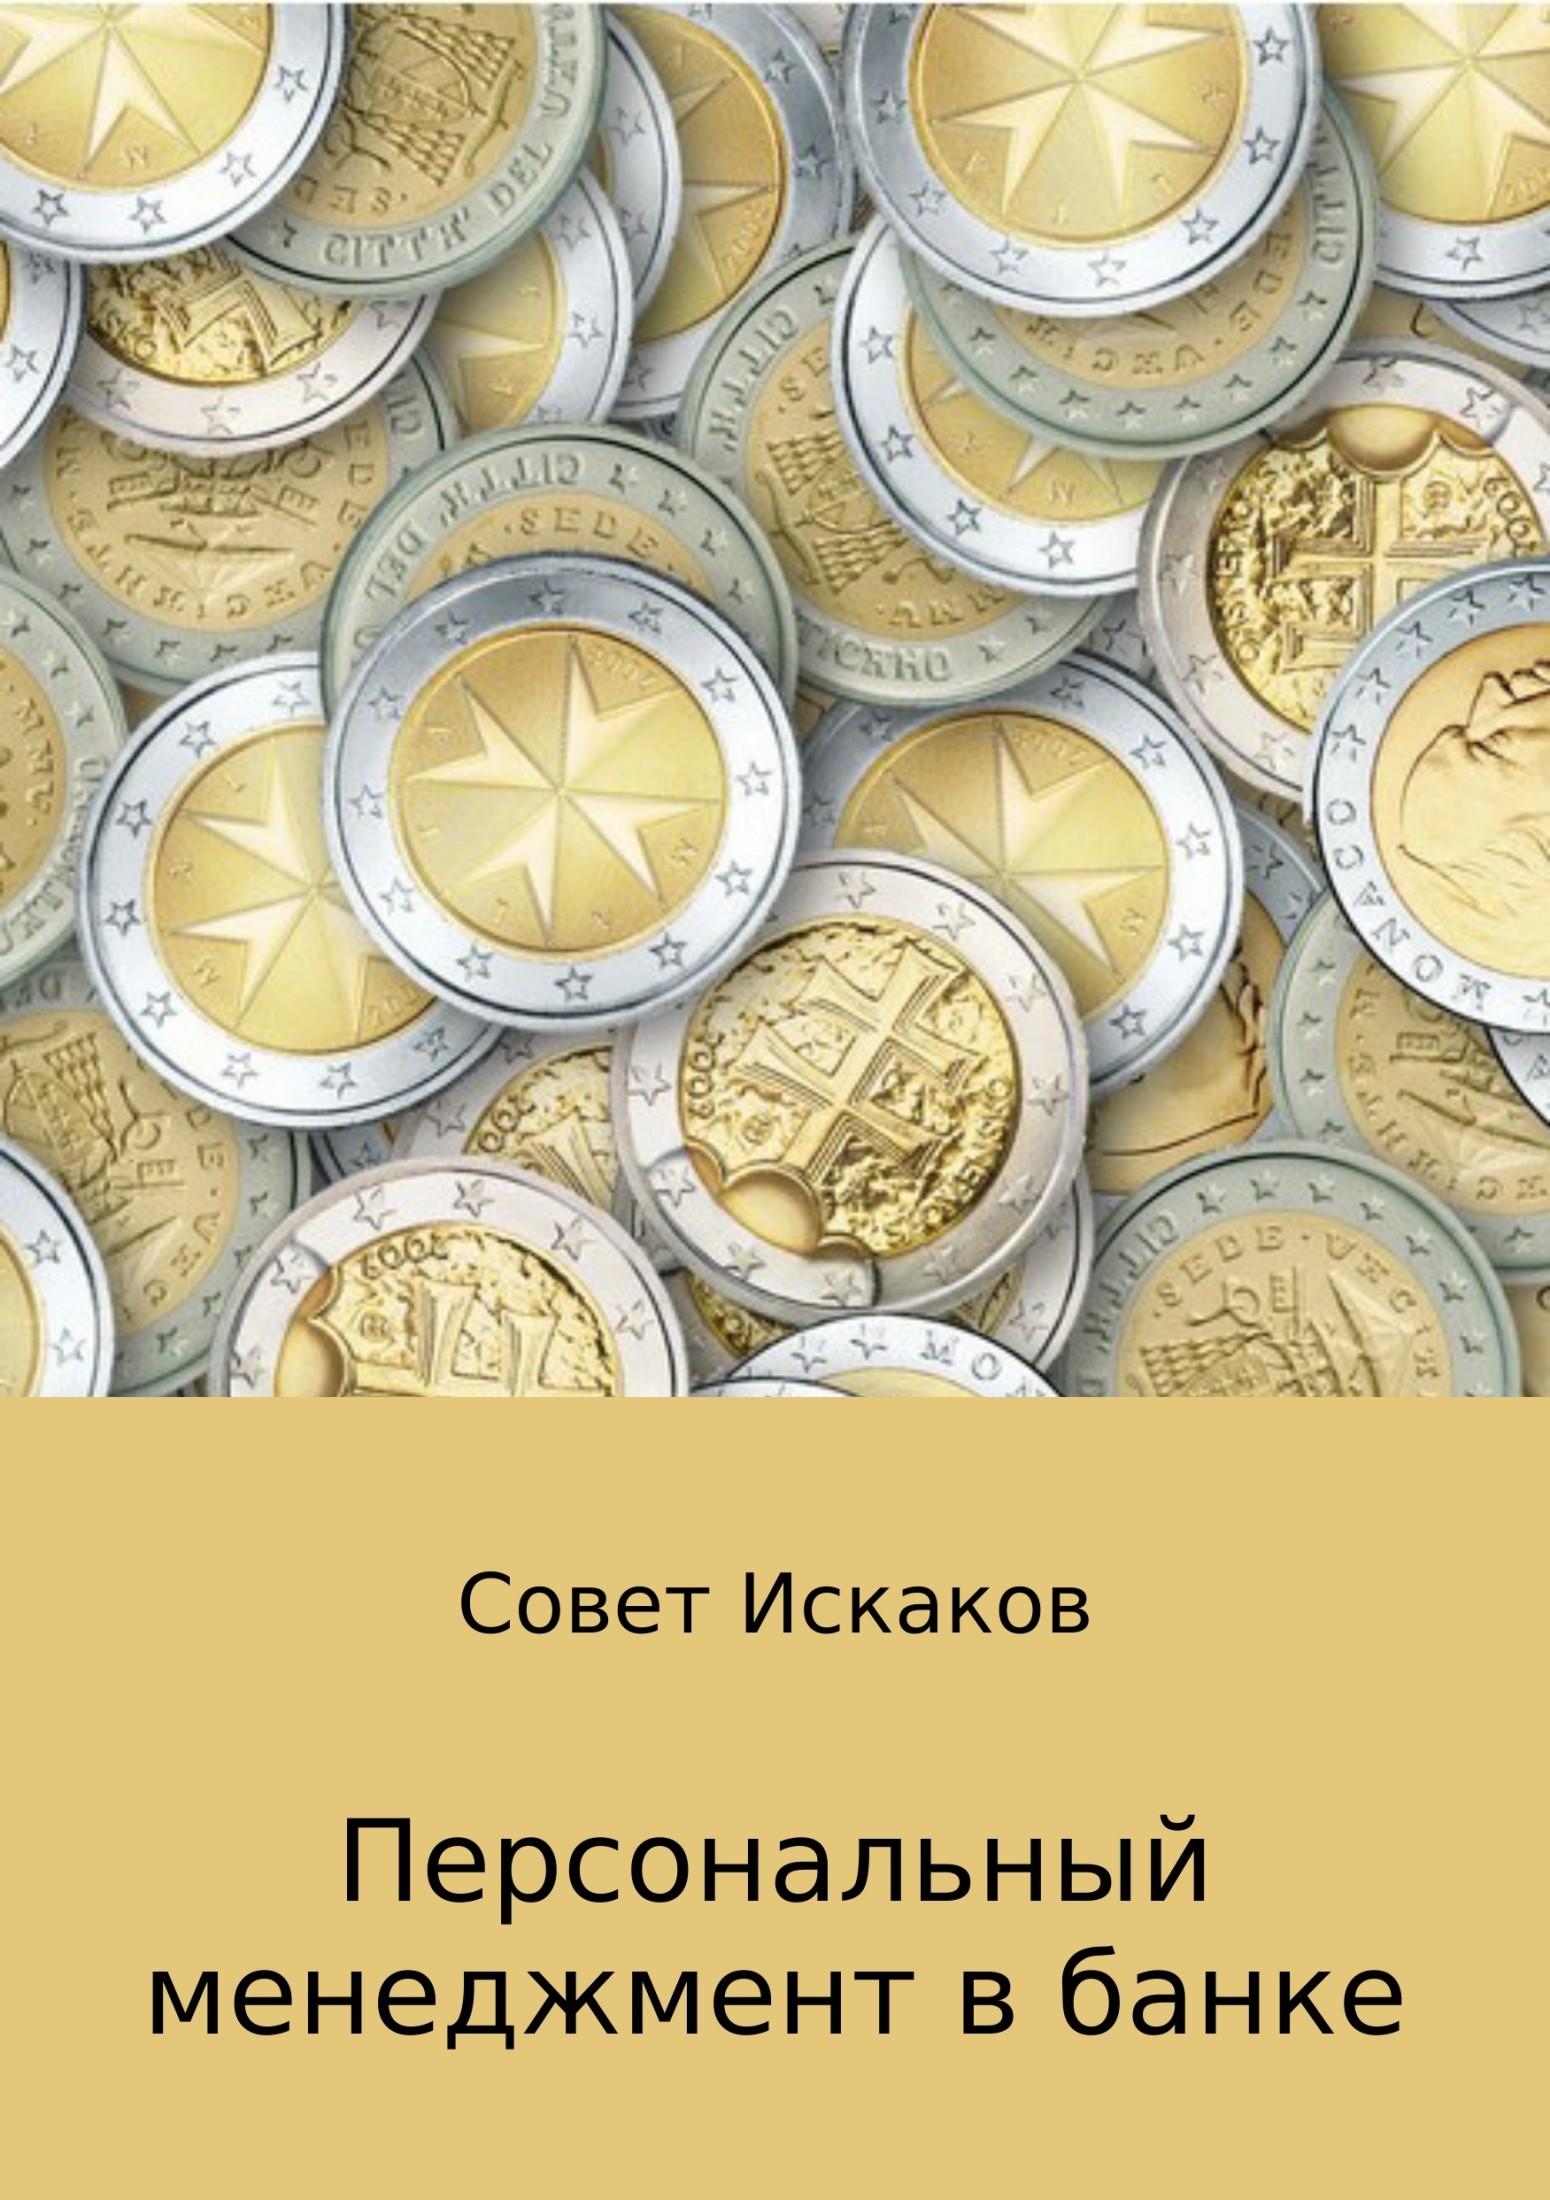 Совет Николаевич Искаков. Персональный менеджмент в банке